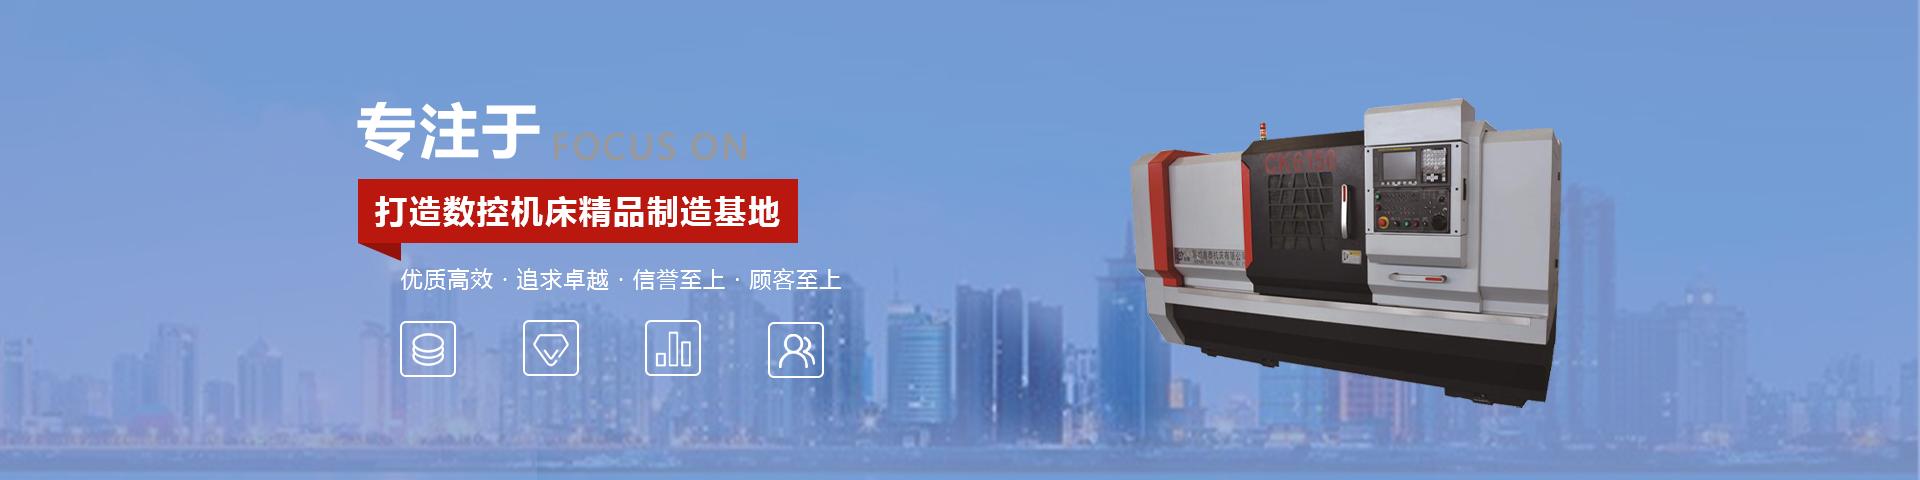 聊城鑫泰机床有限公司,高精度齿轮,工业机器人自动化